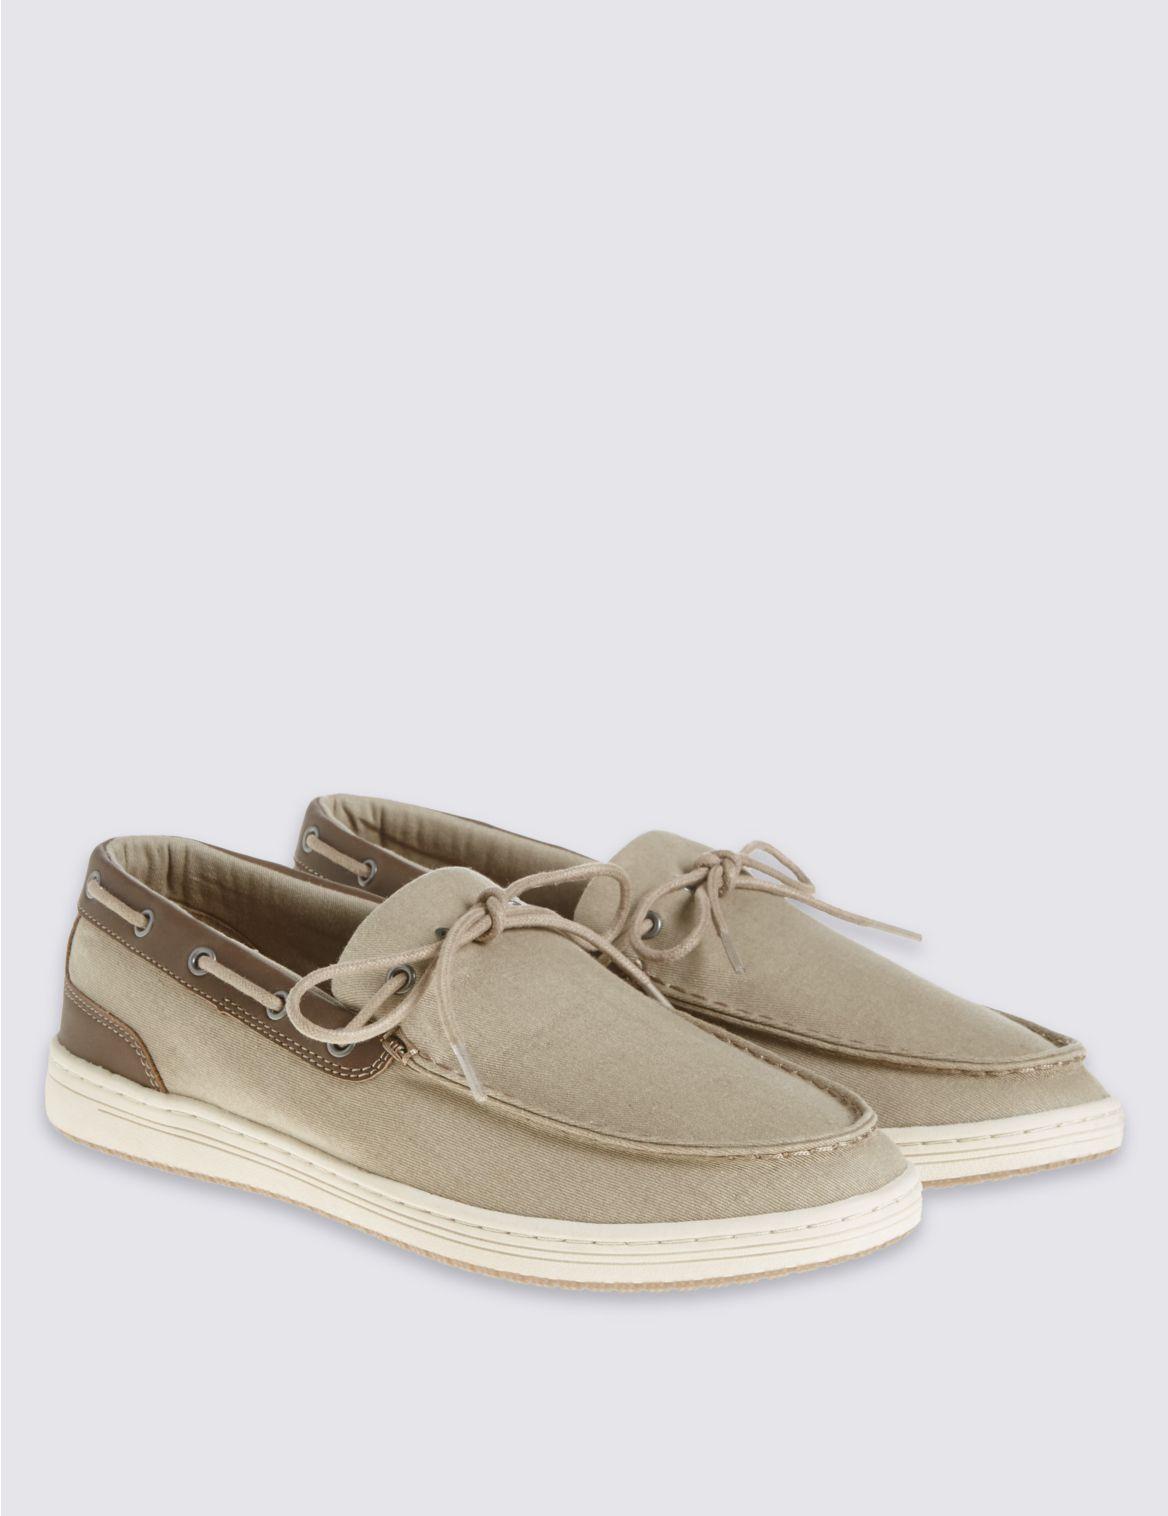 Chaussures ? lacets. StyleForme du produit:?€ lacets;Coupe:Coupe standard;Fermeture:?€ lacets;Tailles disponibles: du 39,5 au 47